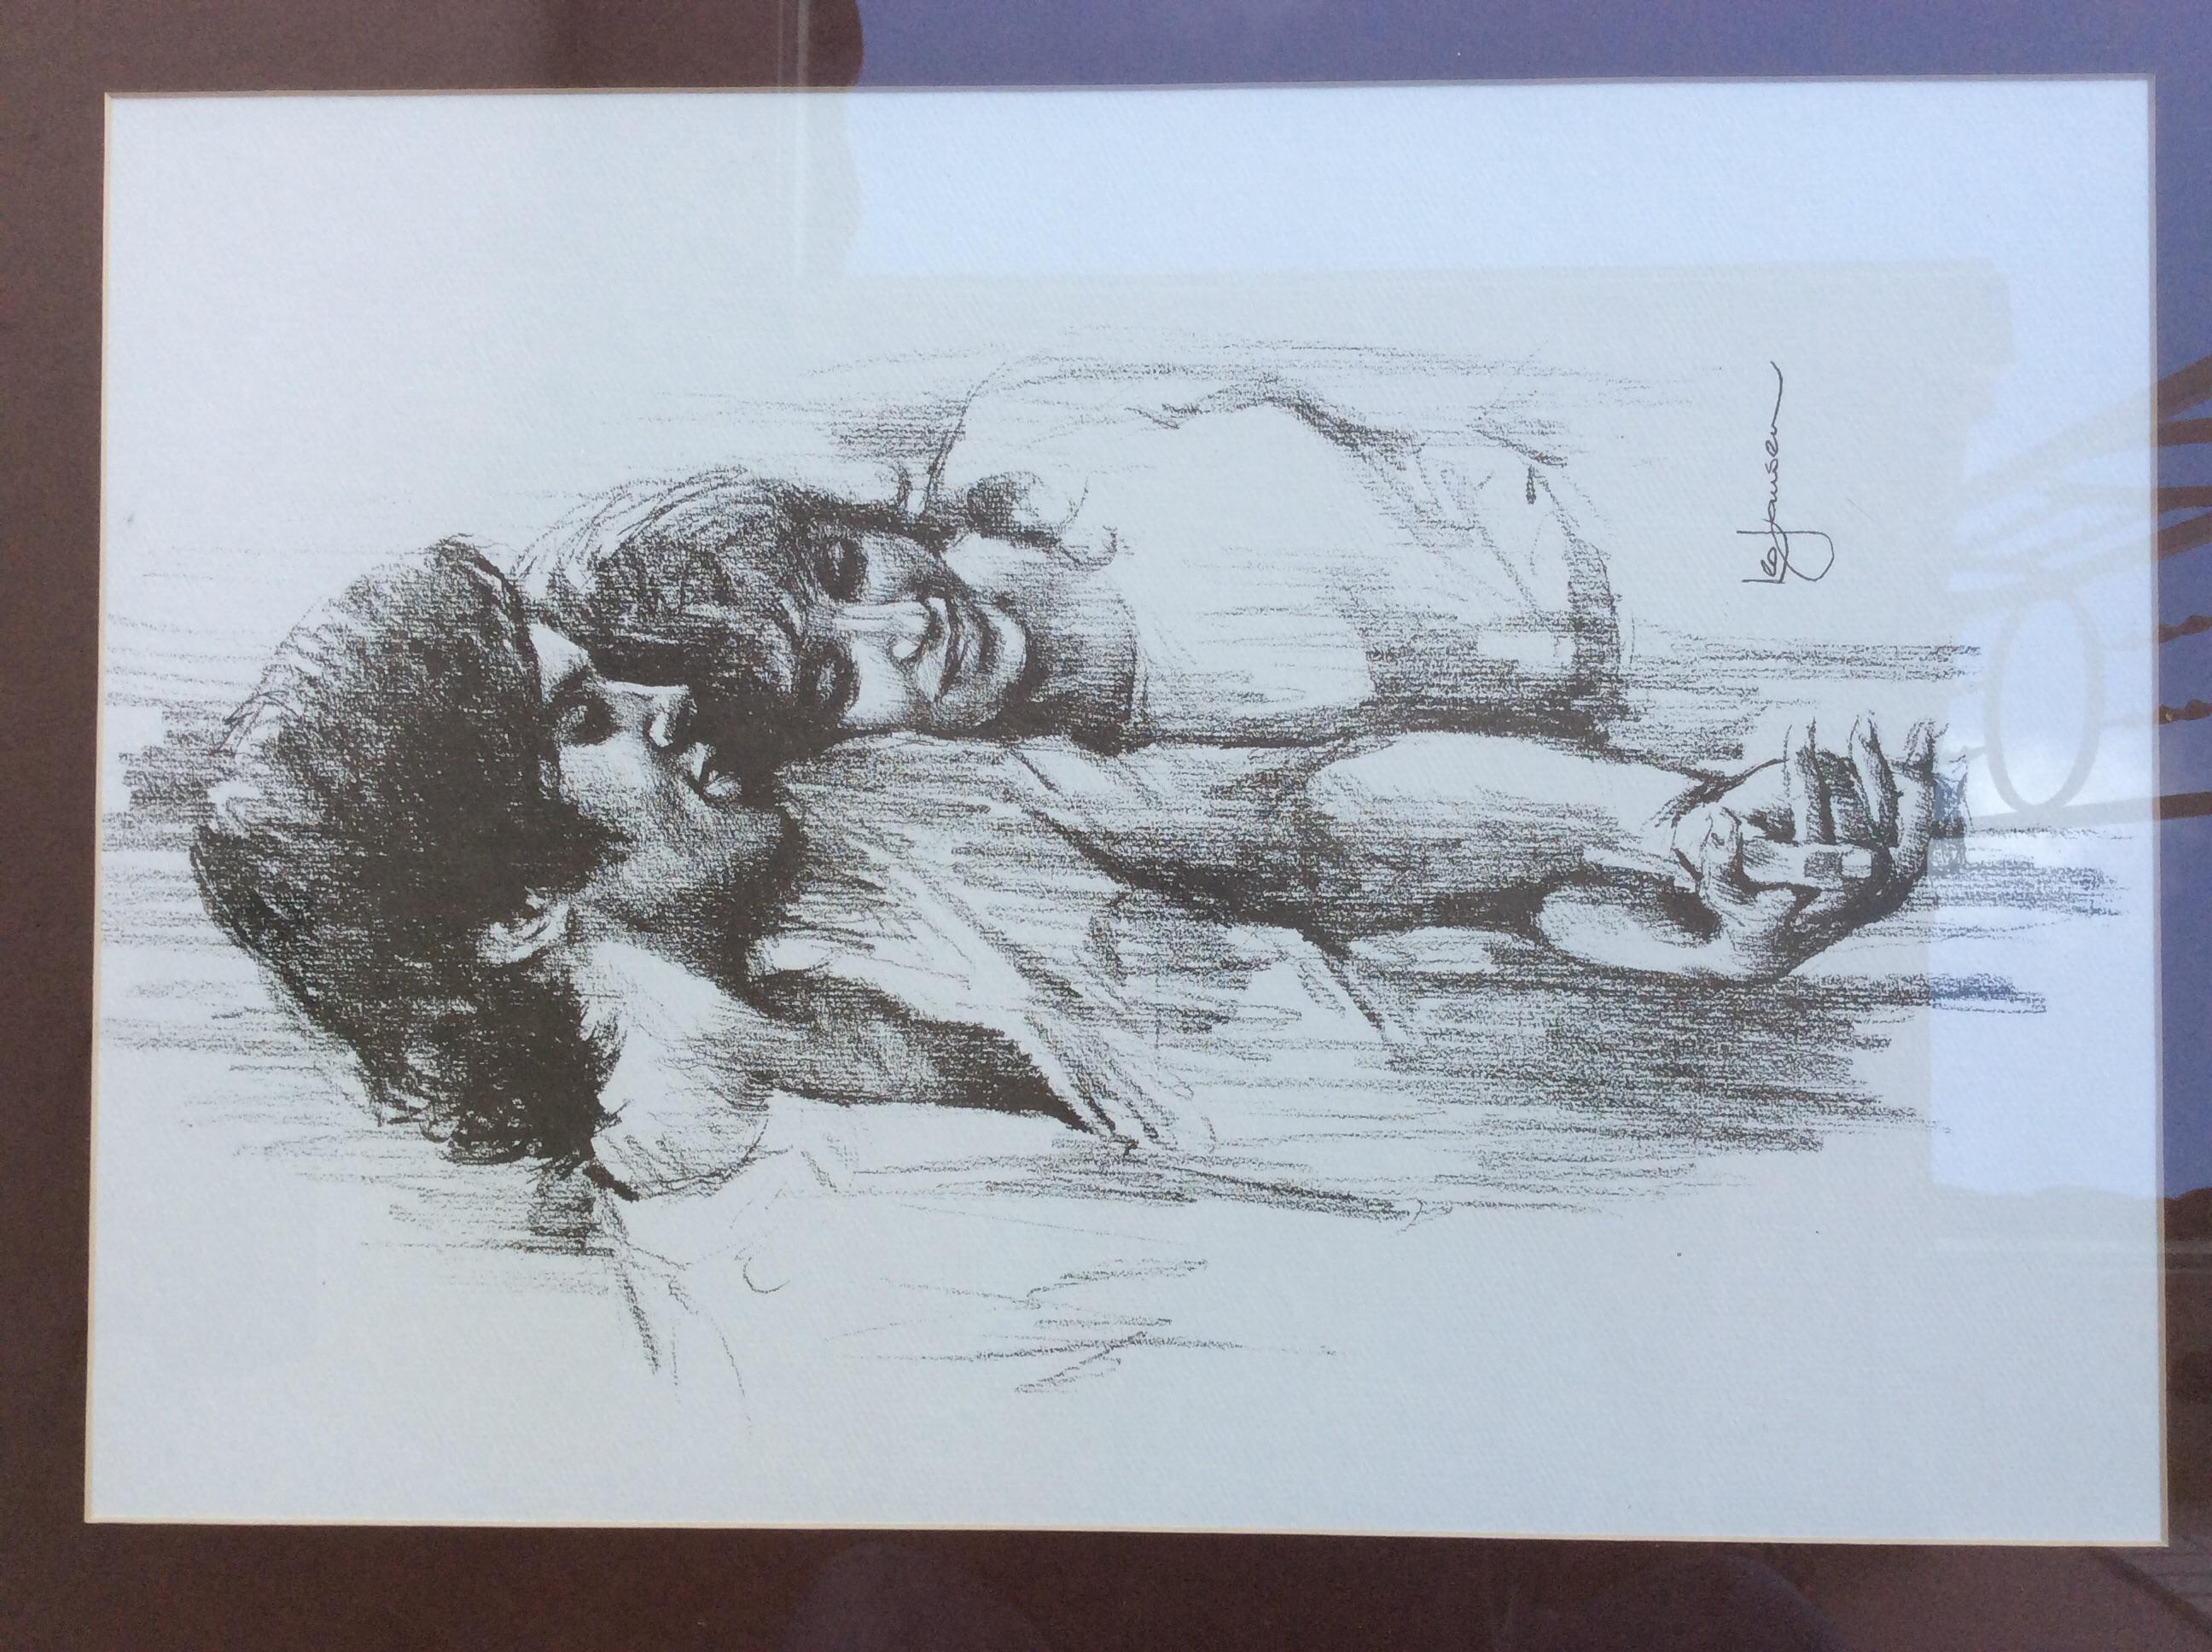 Leo jansen nude study